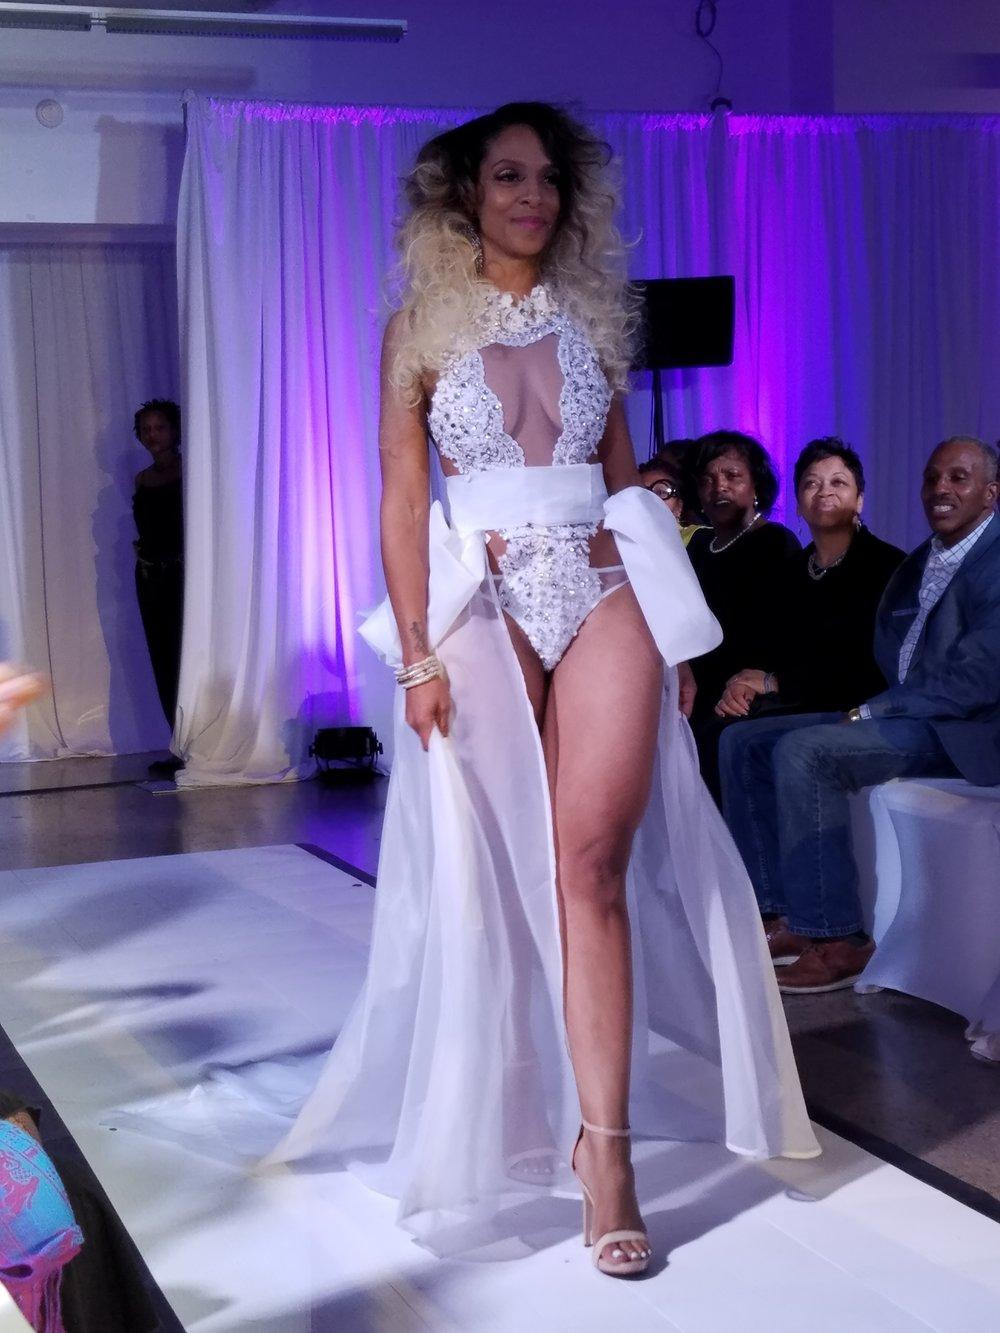 Maya Mitchell-www.modelmayhem.com/beautyspecialist